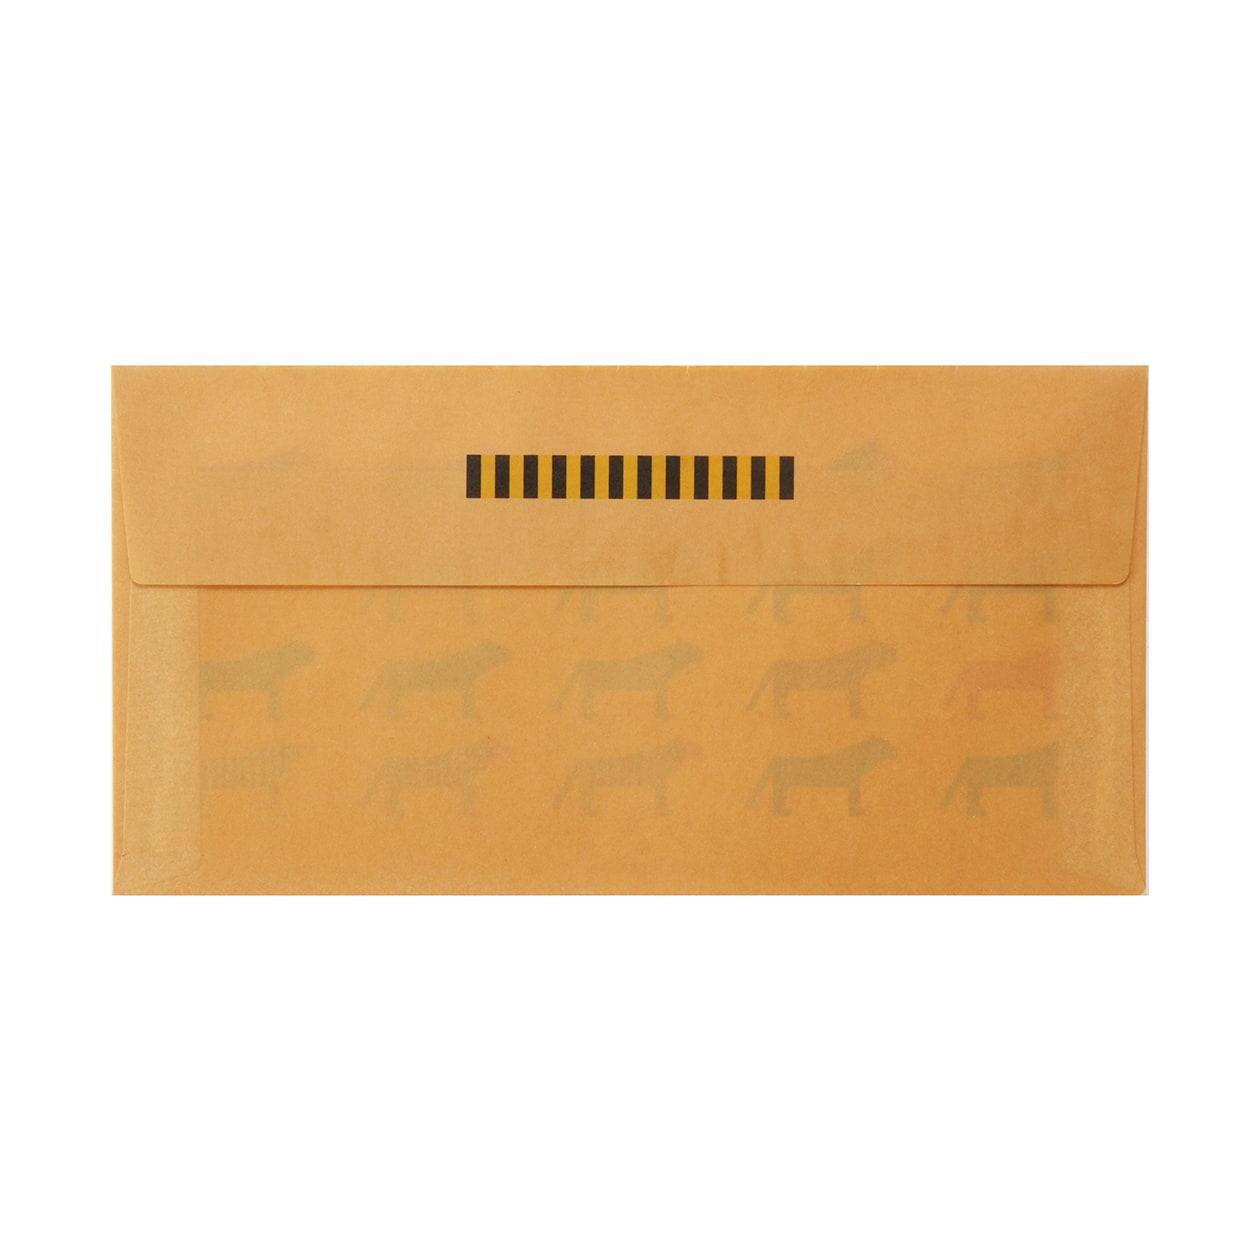 見本 00011 長3カマス封筒 クラフトロウ引き